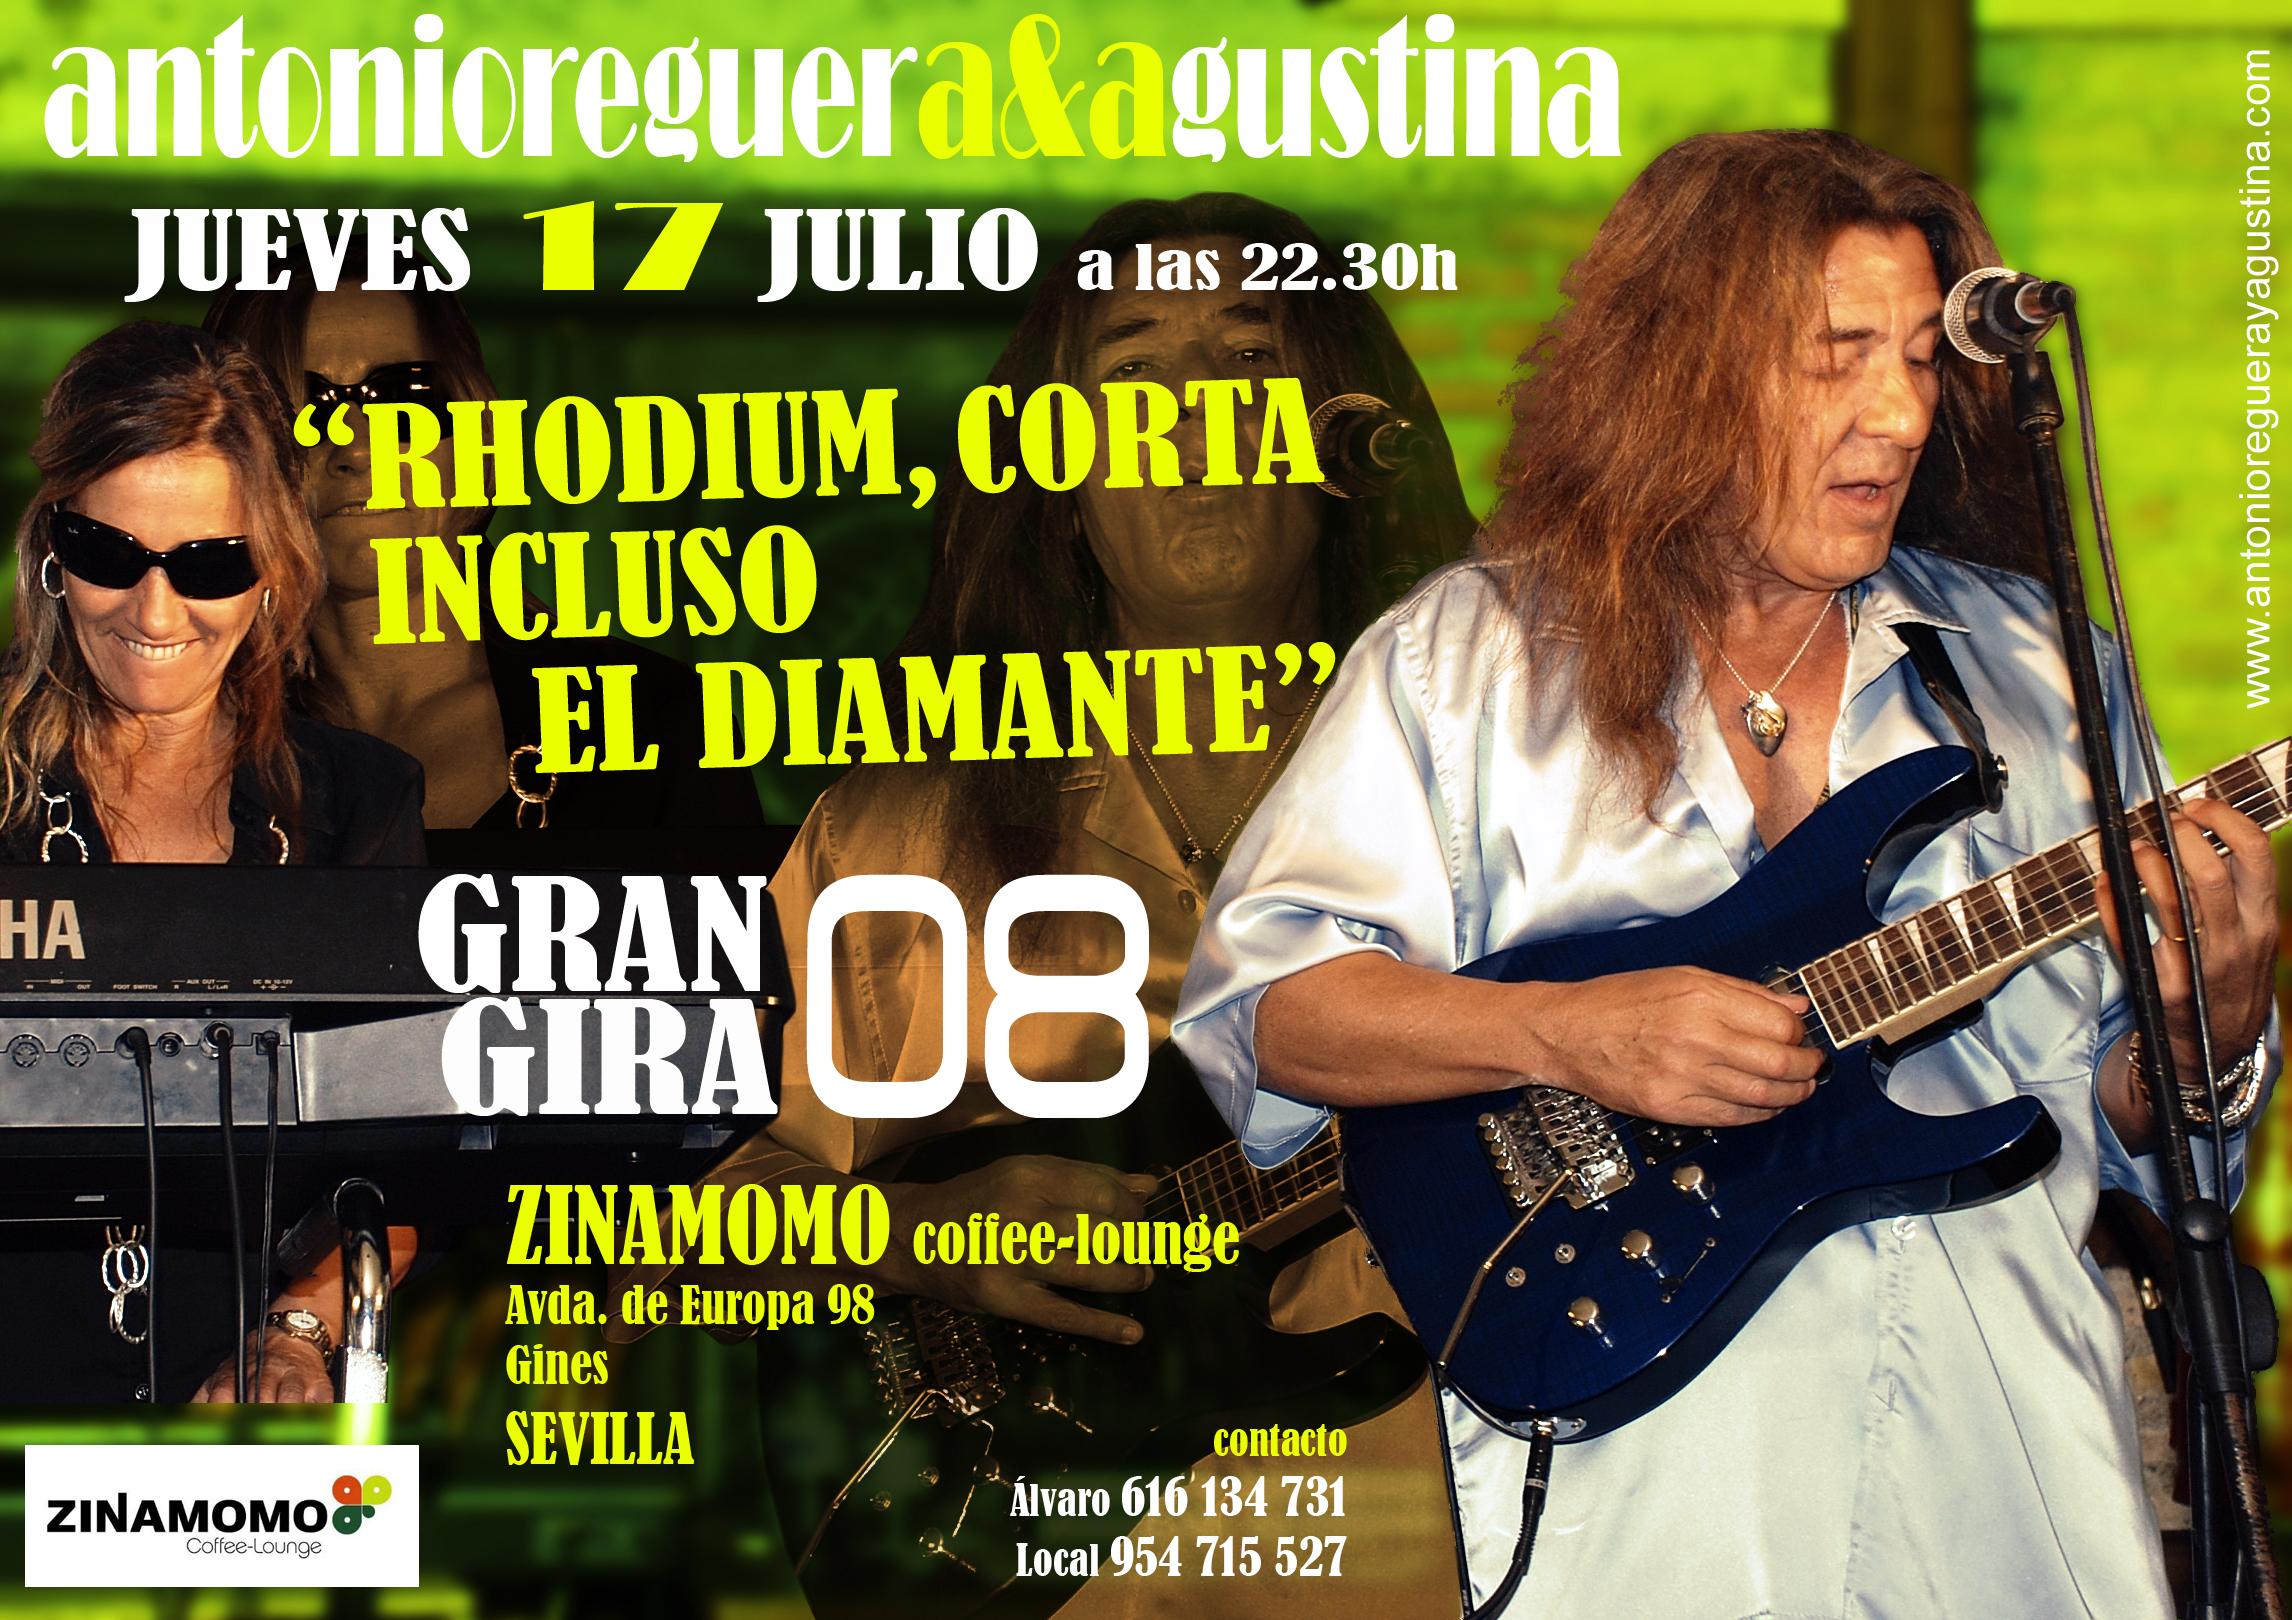 gira08_gines.jpg